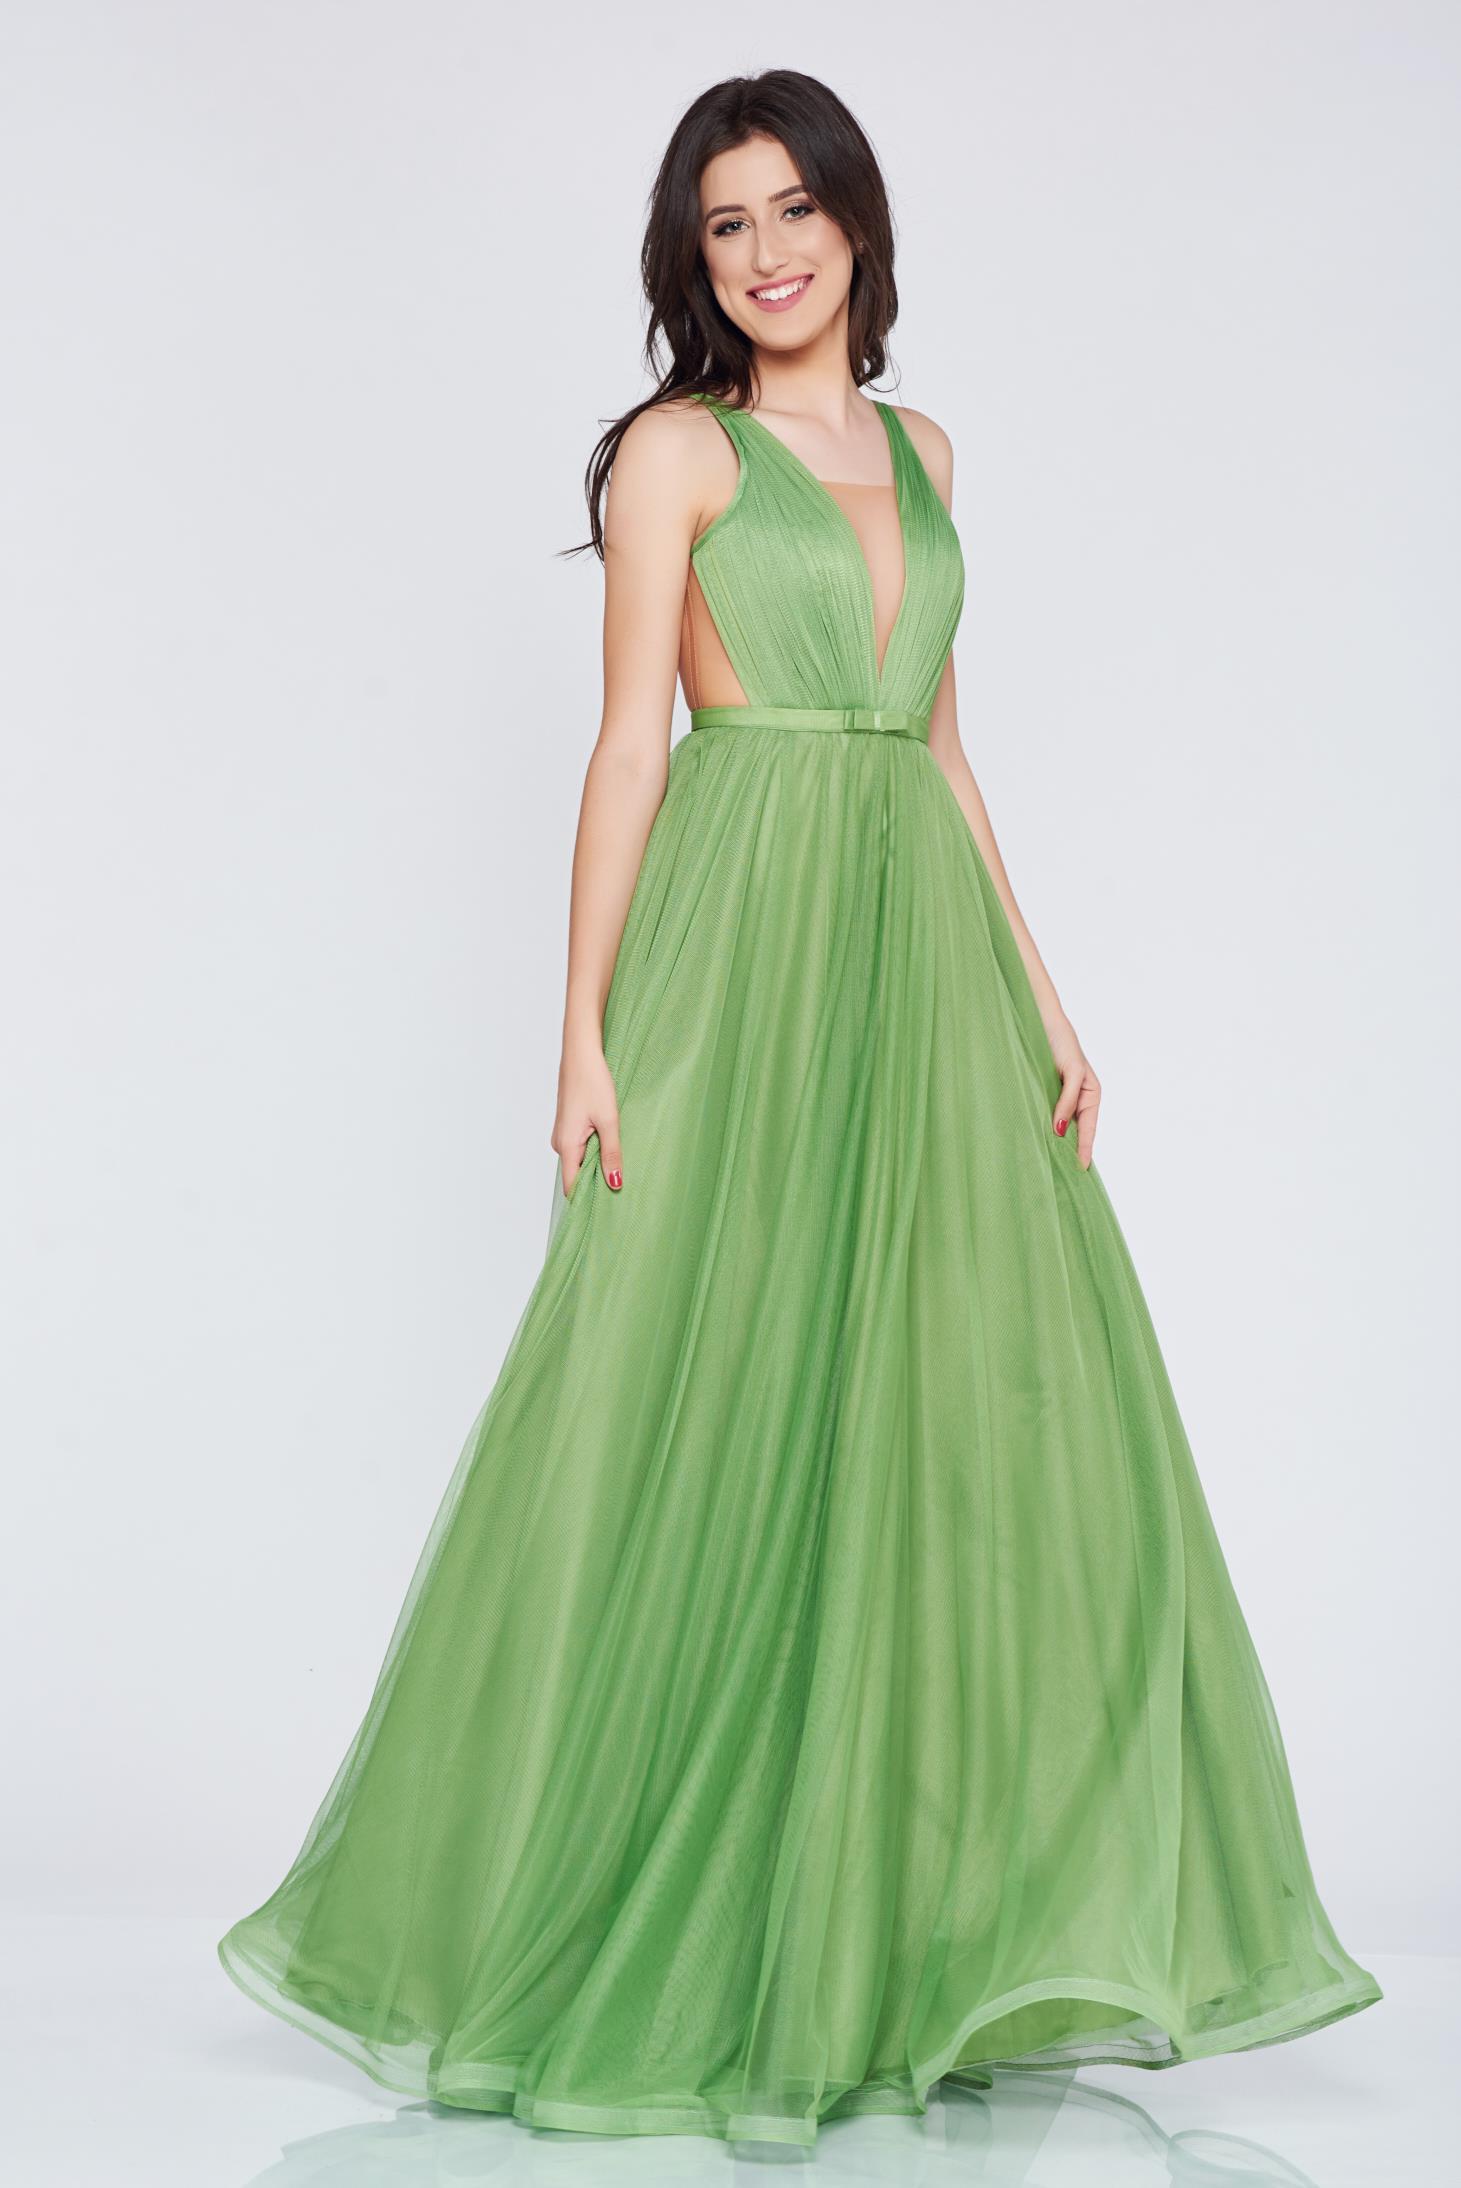 Rochie Ana Radu verde-inchis de lux cu decolteu in v cu tul